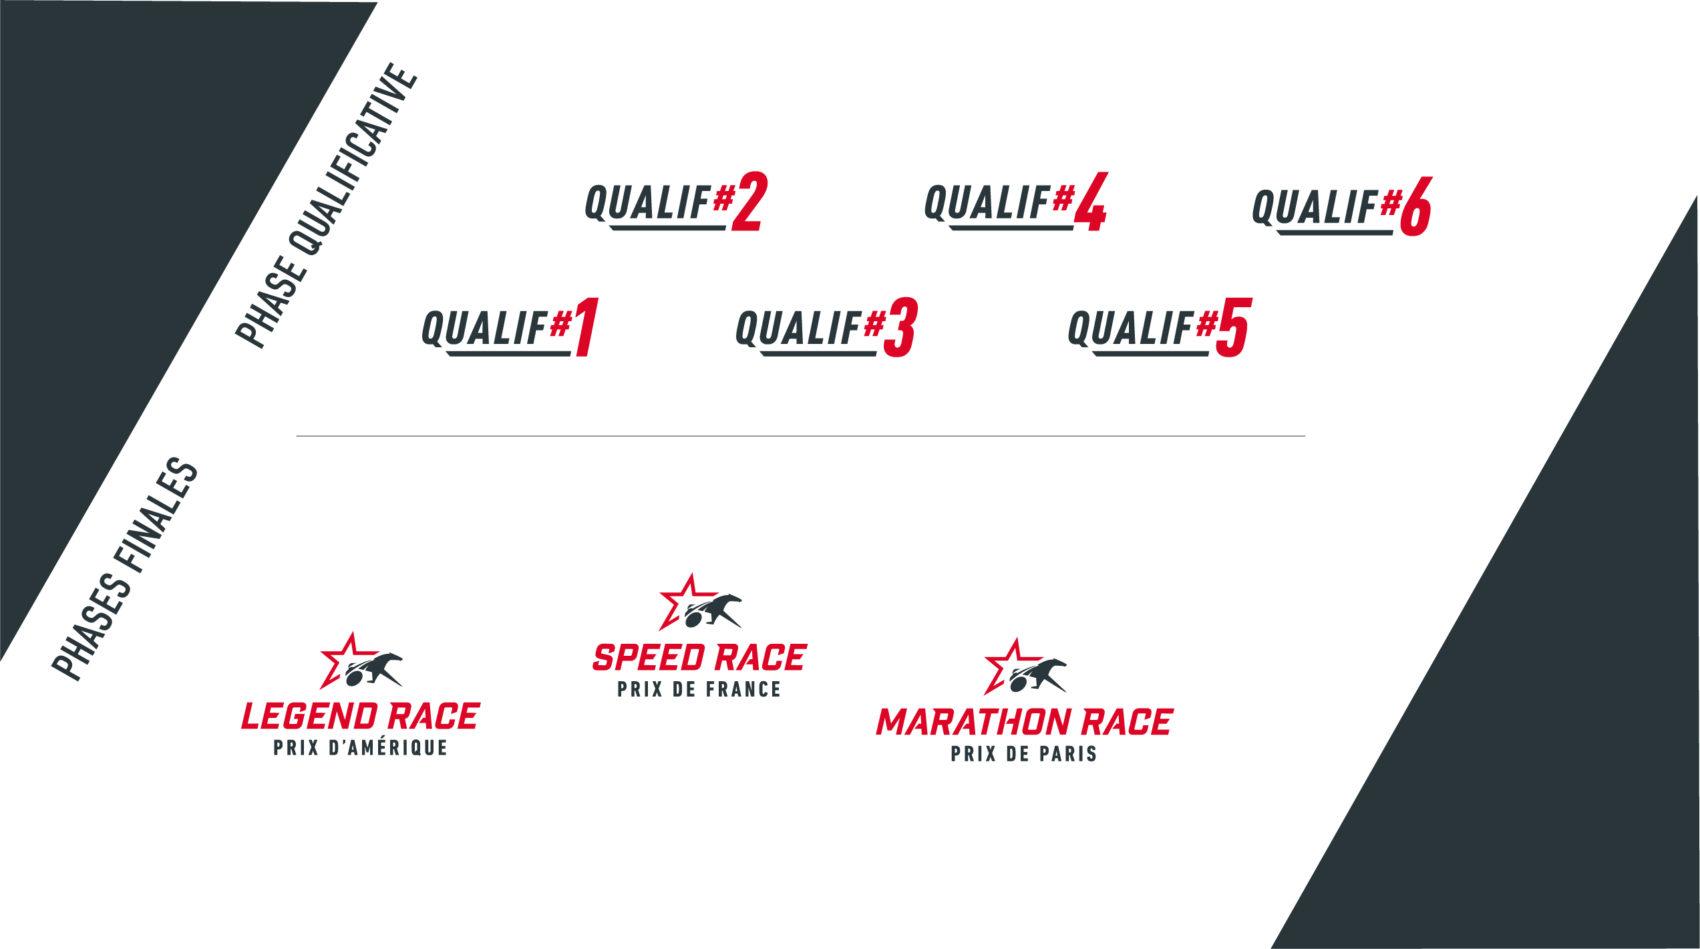 Cas_Agence_LeTROT_prix_damérique_races_zeturf_qualif